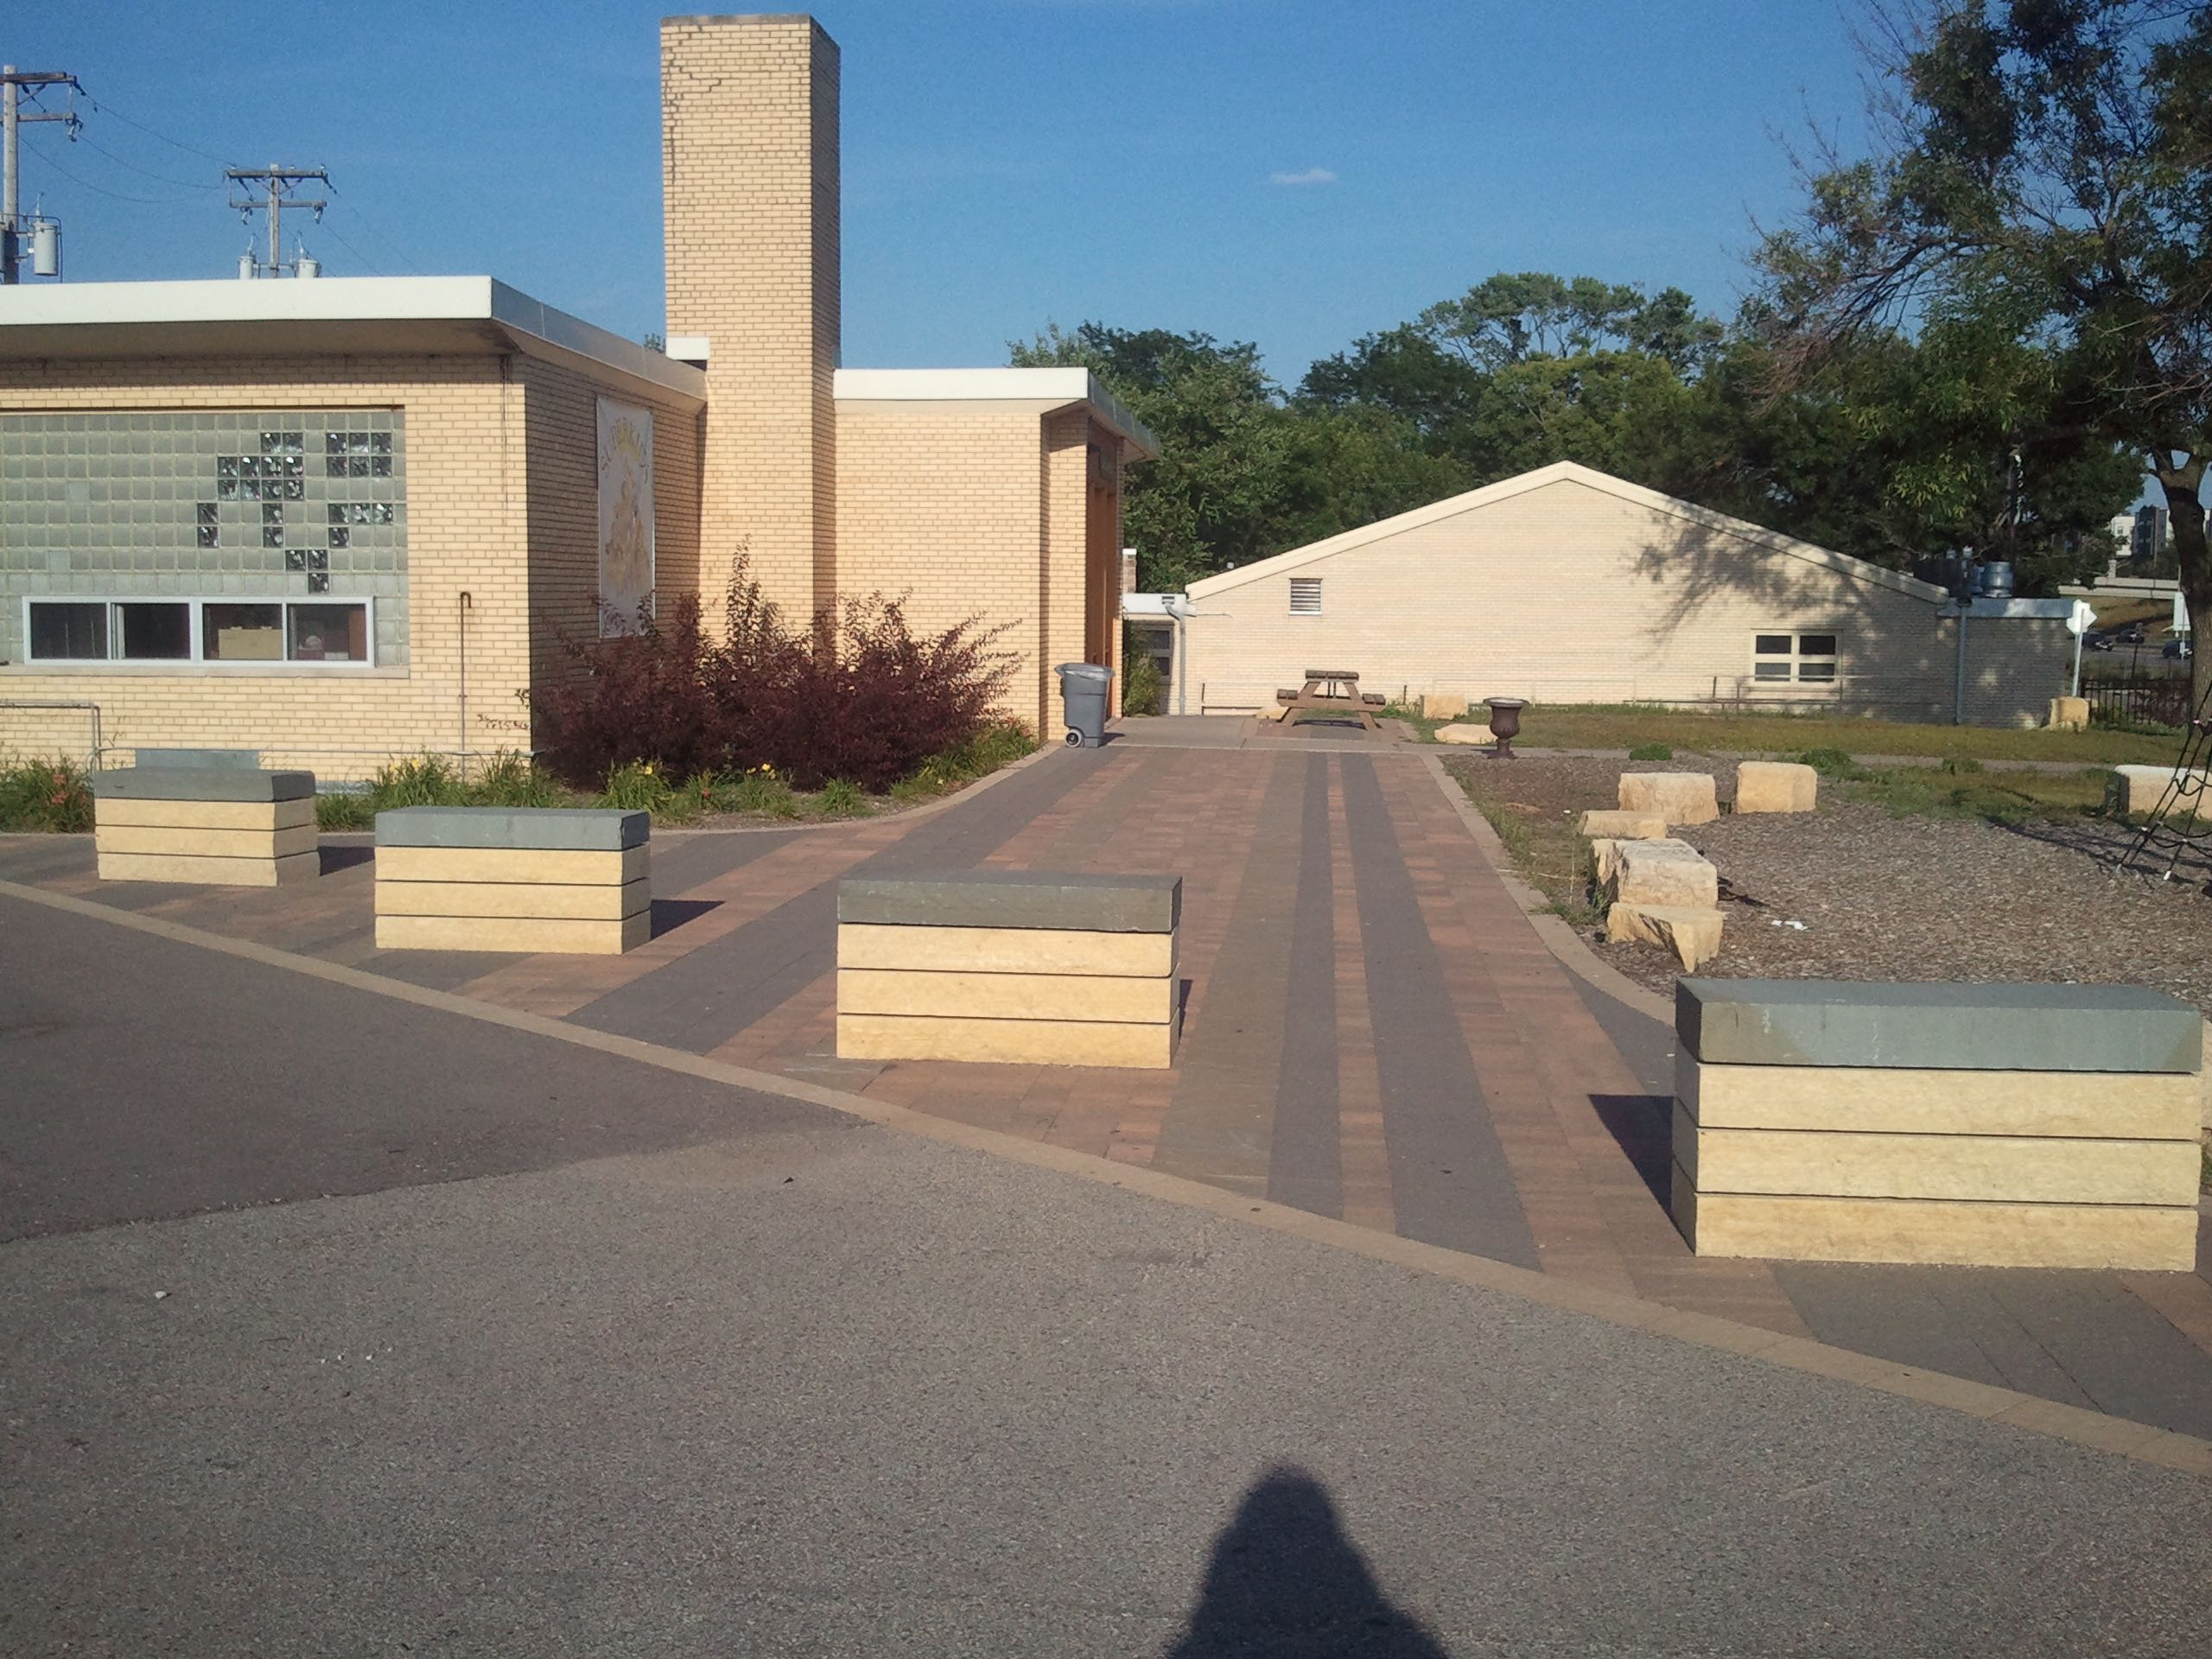 St. Peter Claver School